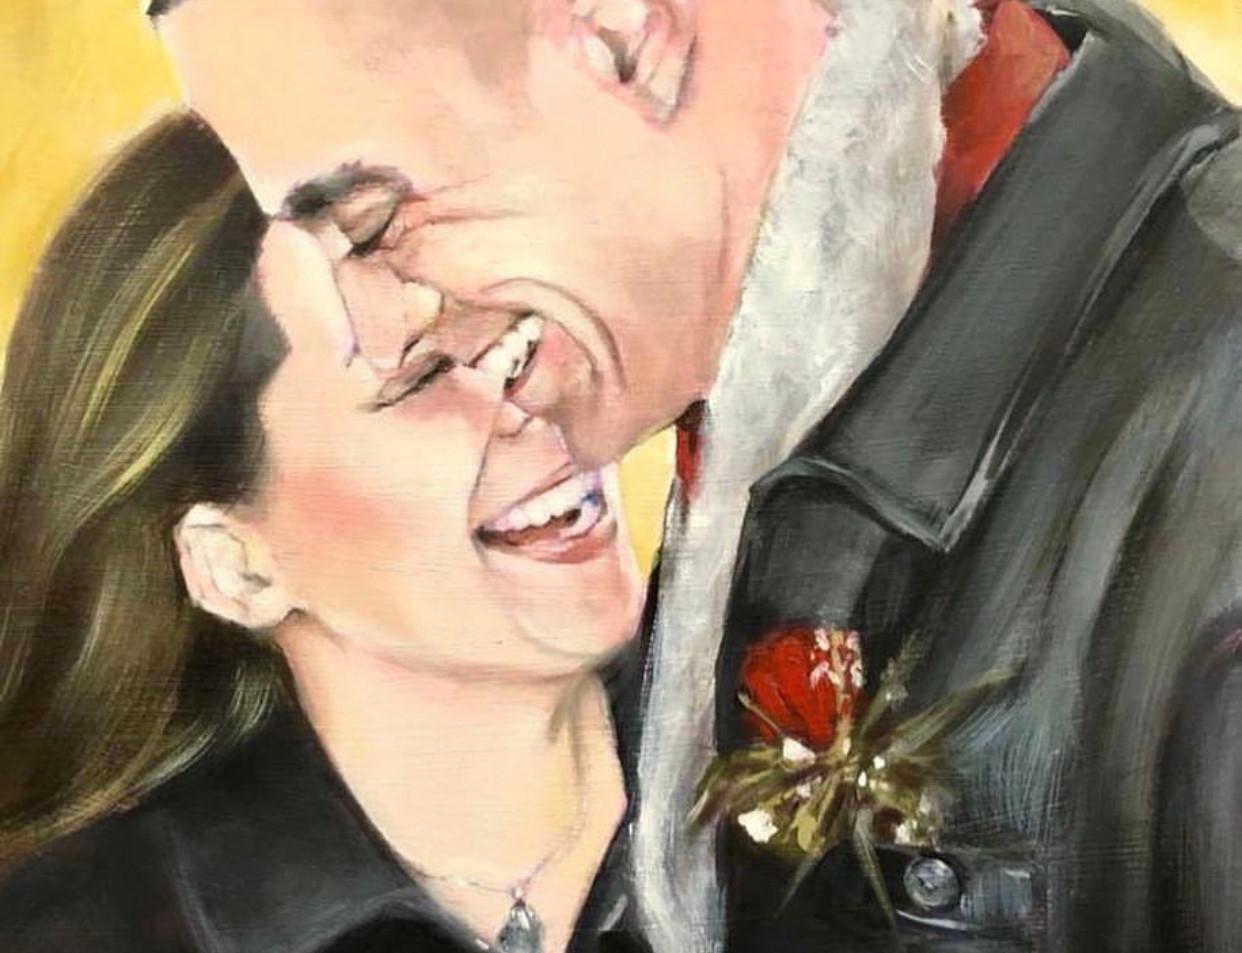 Joe and Jillian